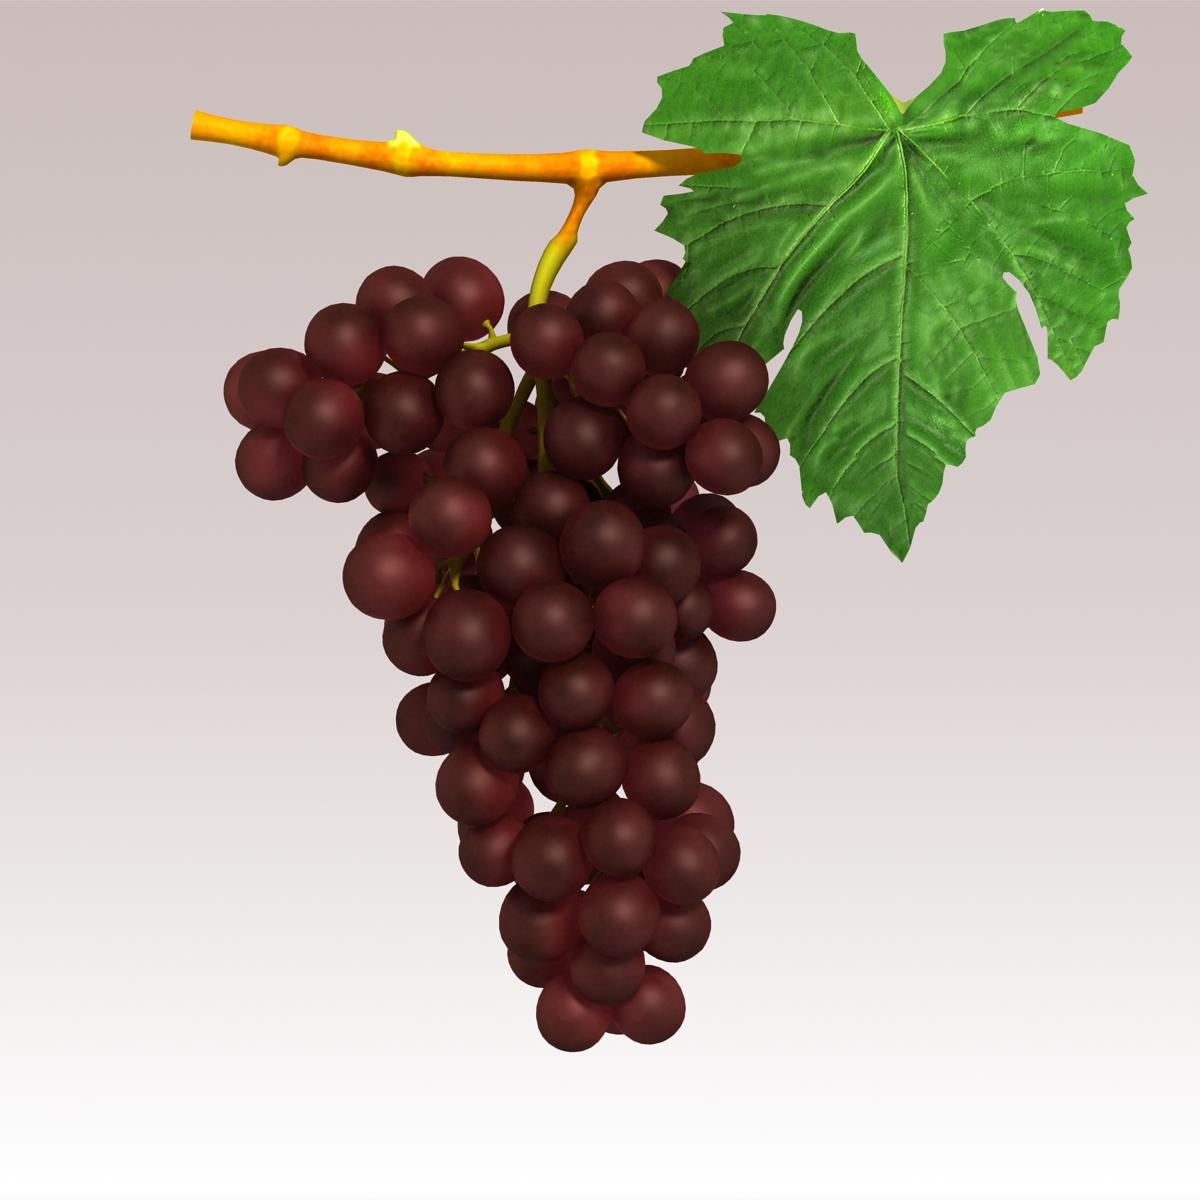 grapes red 3d model 3ds max fbx c4d lwo obj 204256